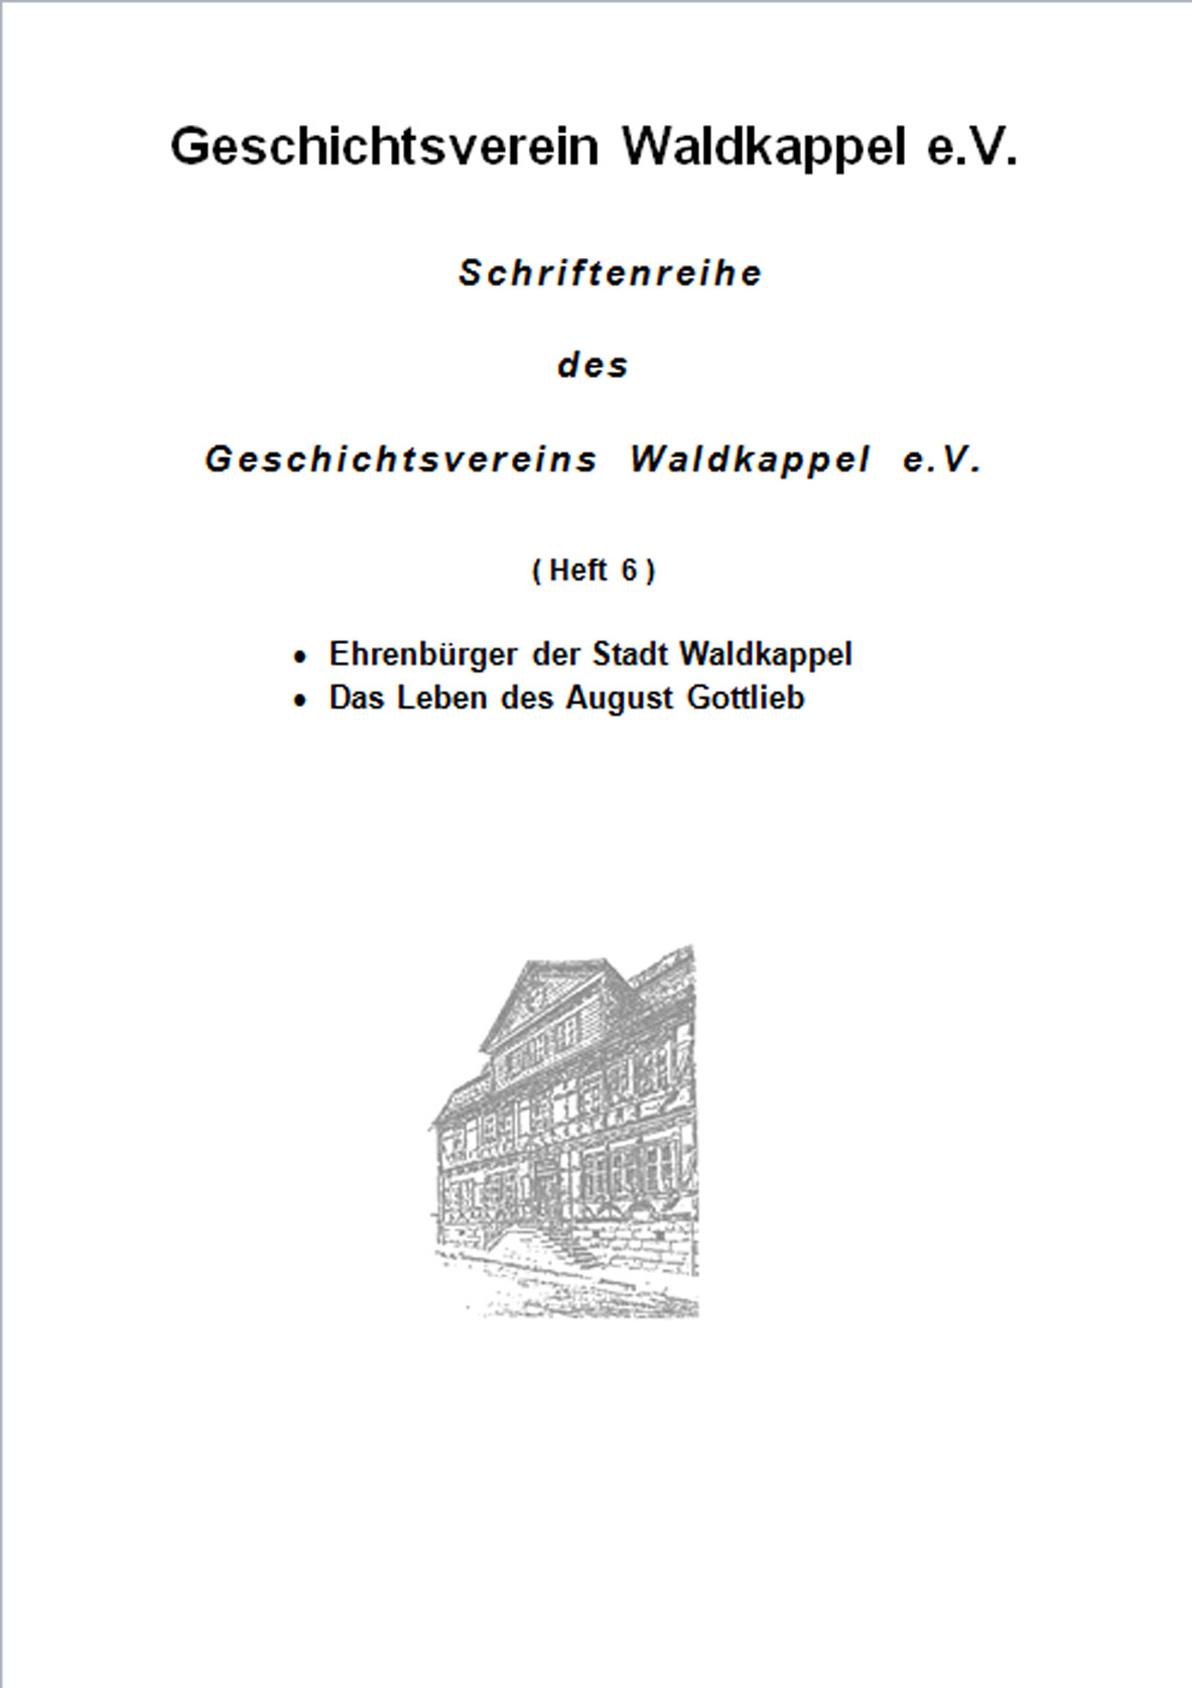 Schriftenreihe ‐ Heft 6 ‐